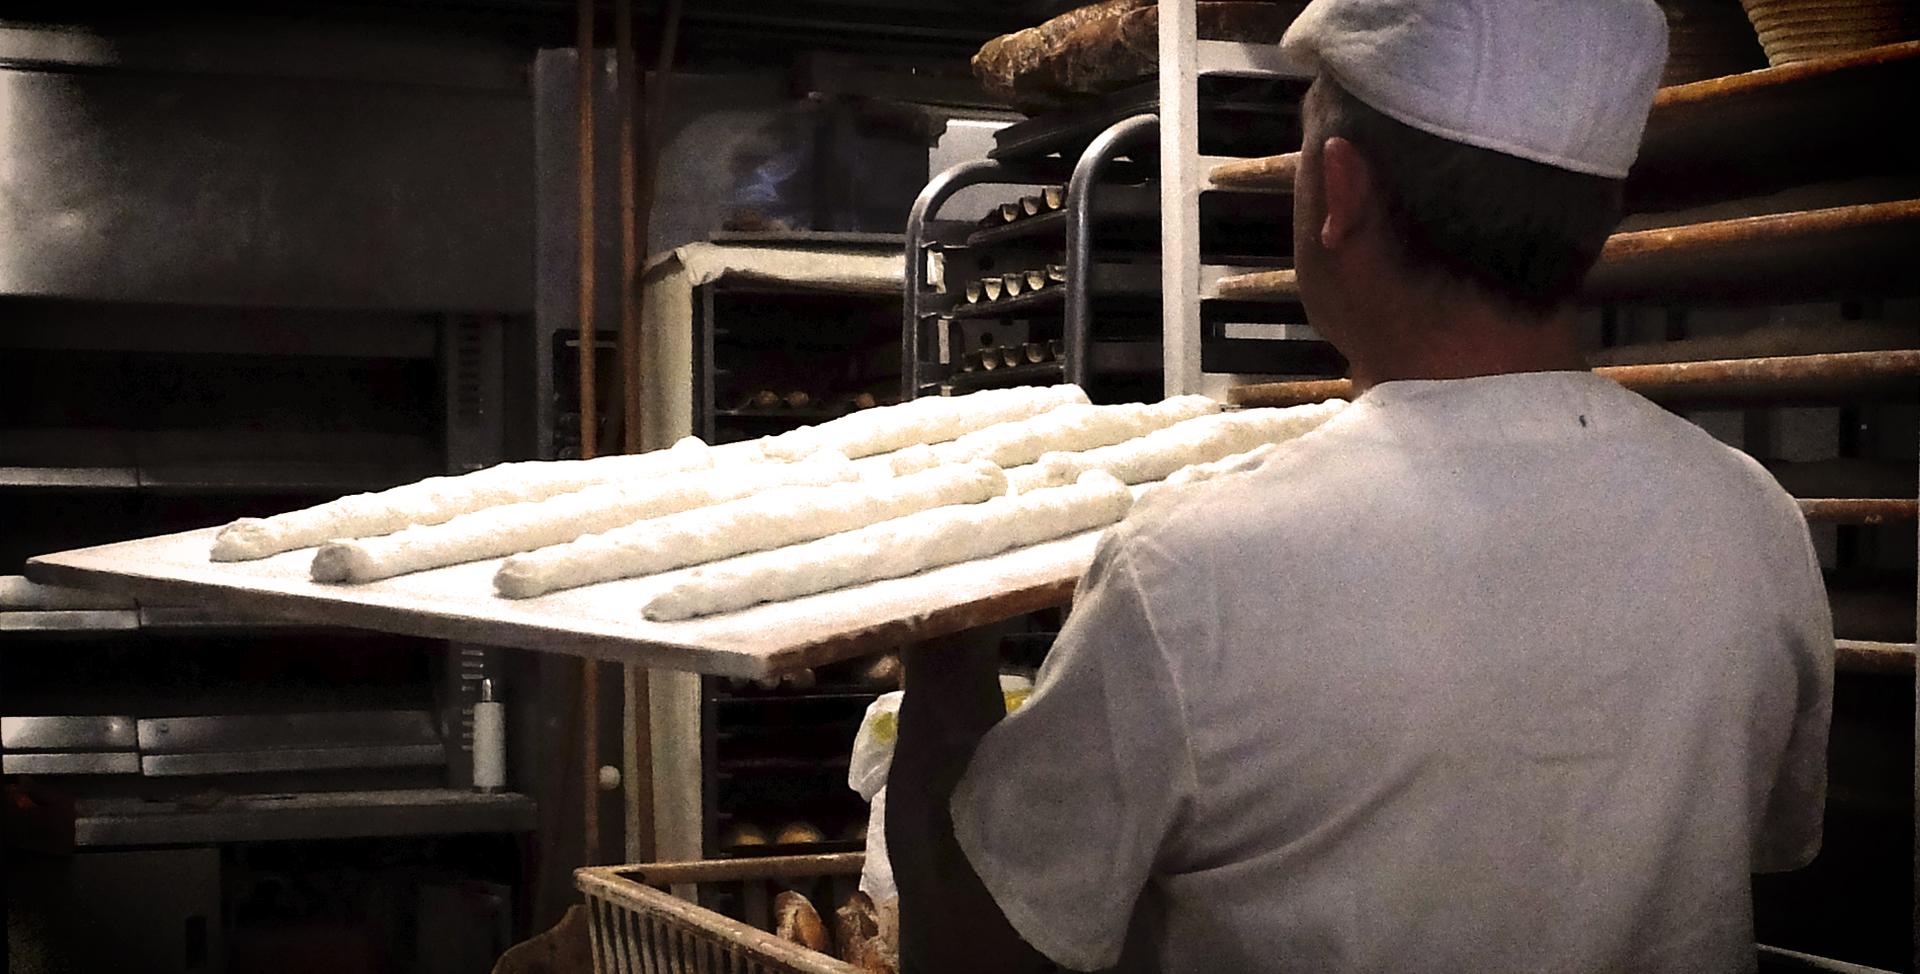 el-trigal-panaderia-3